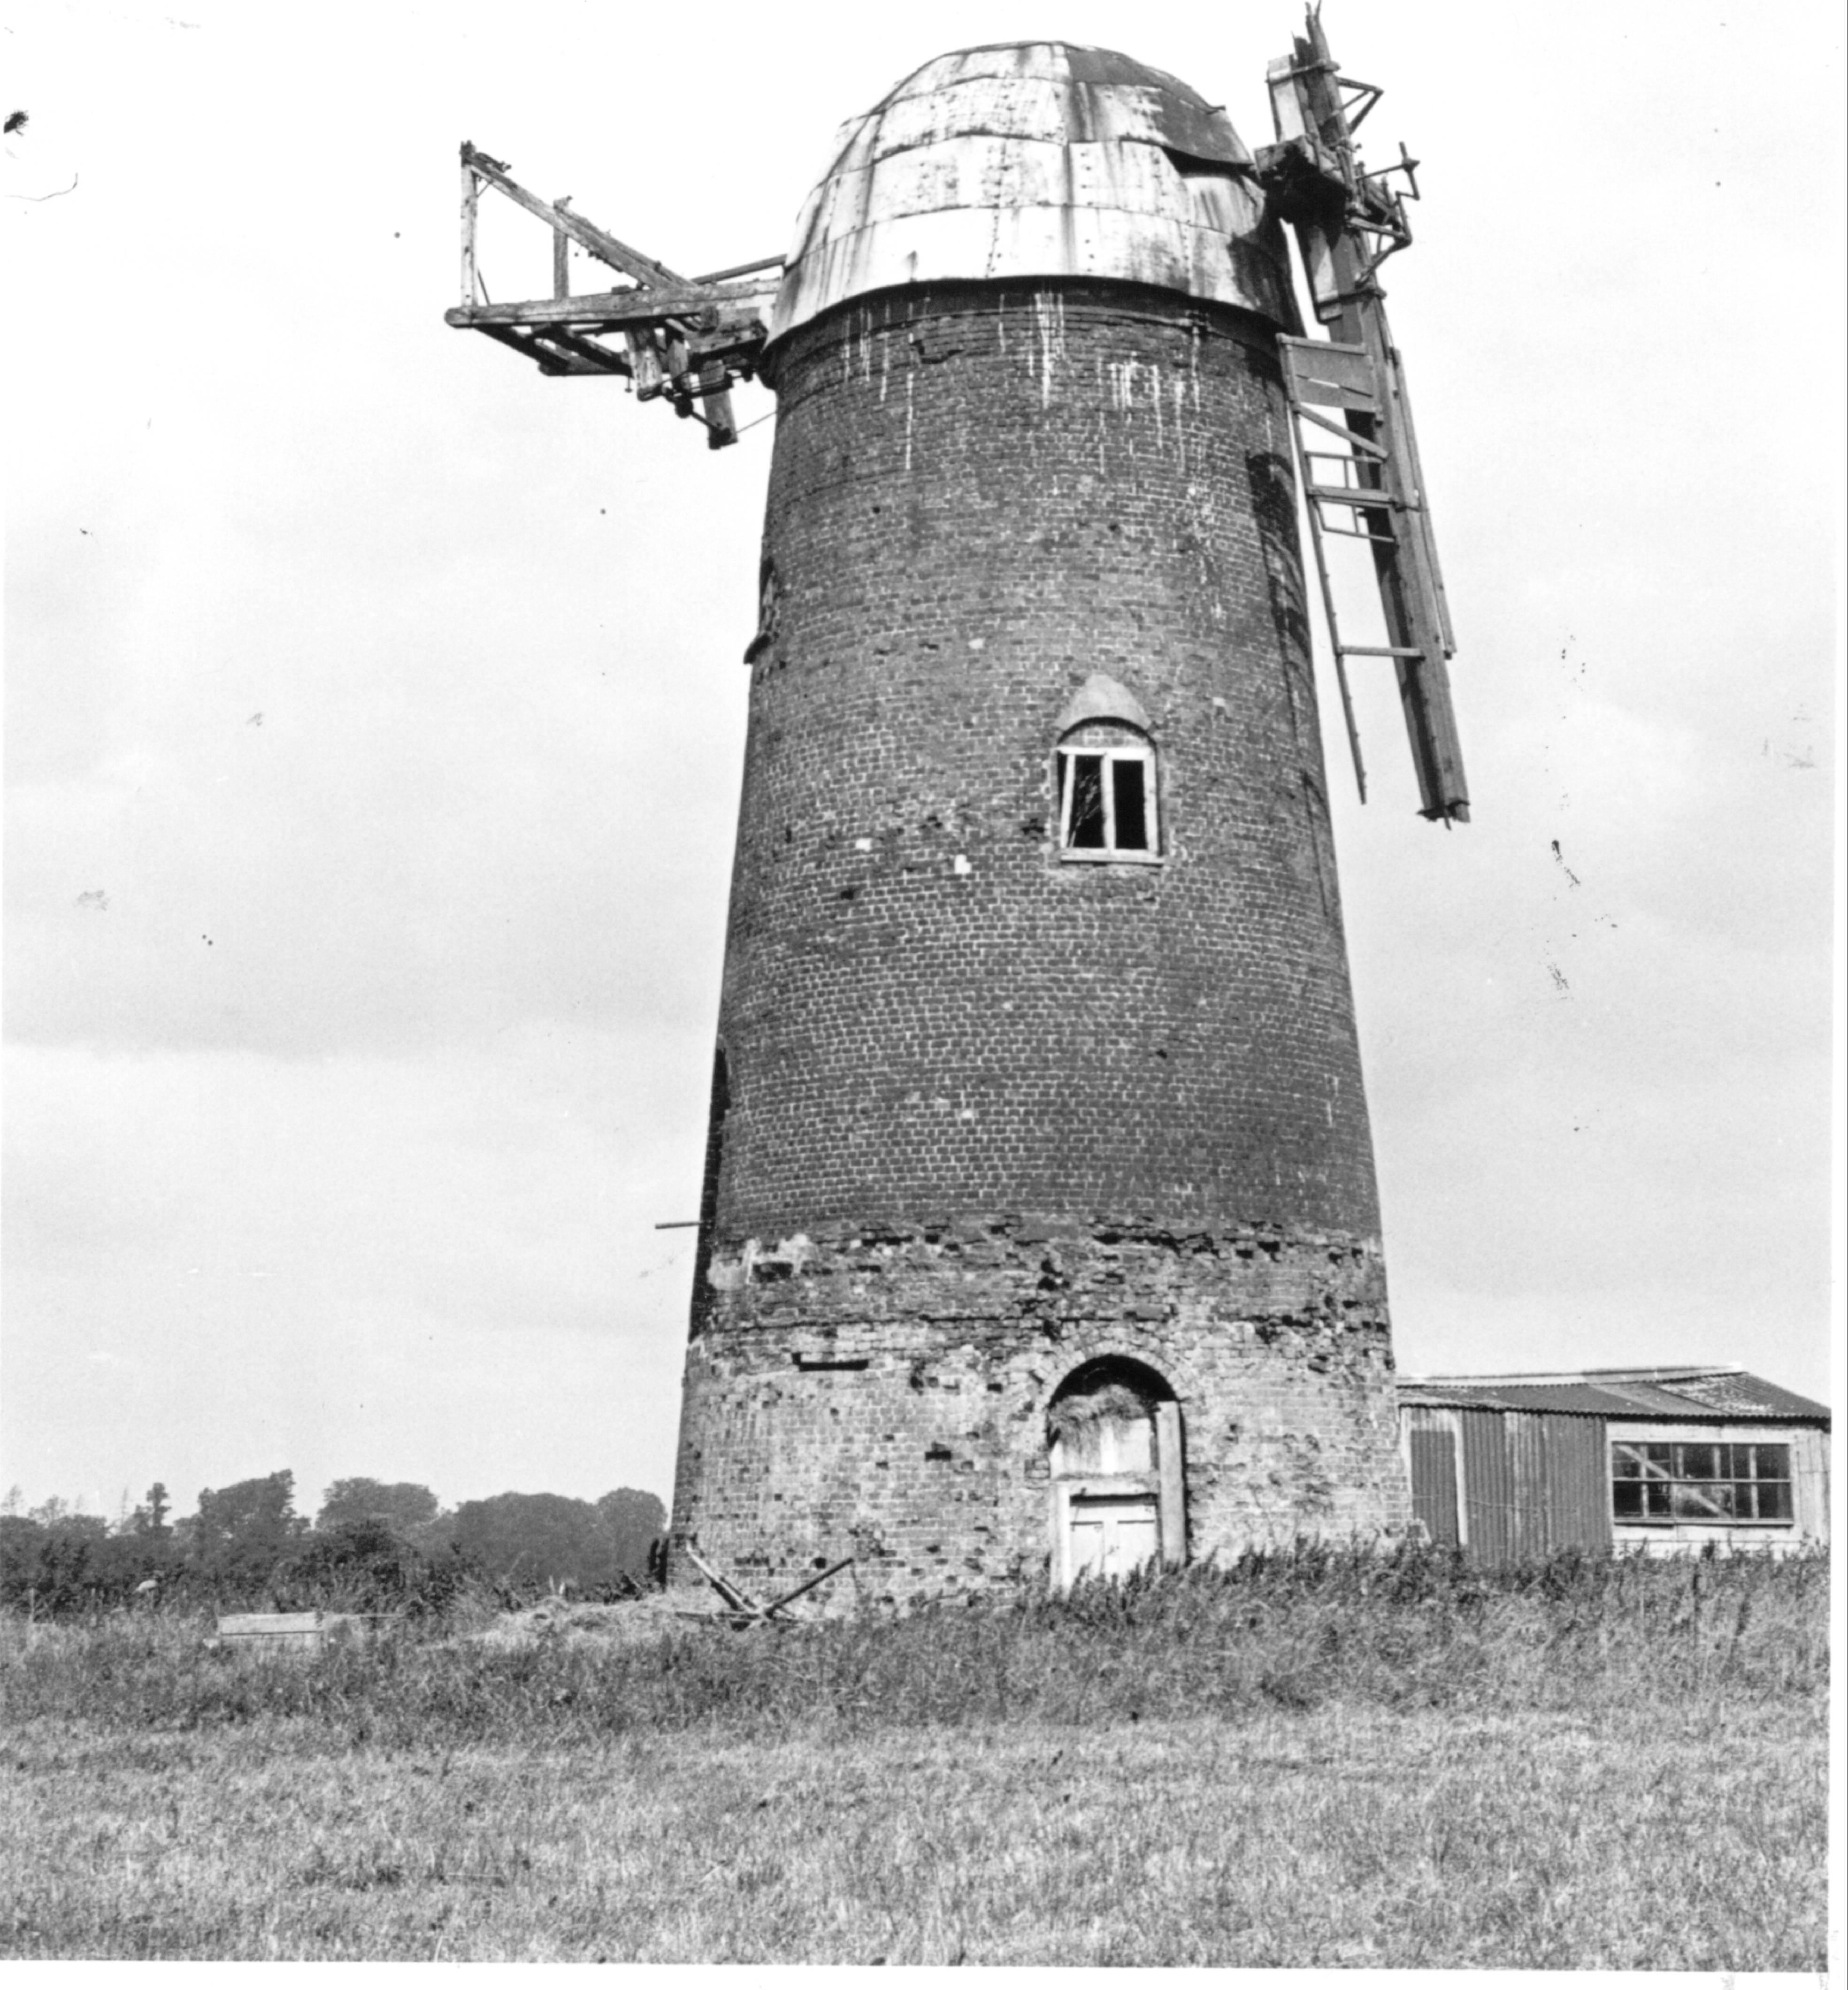 History & Restoration - Wilton Windmill